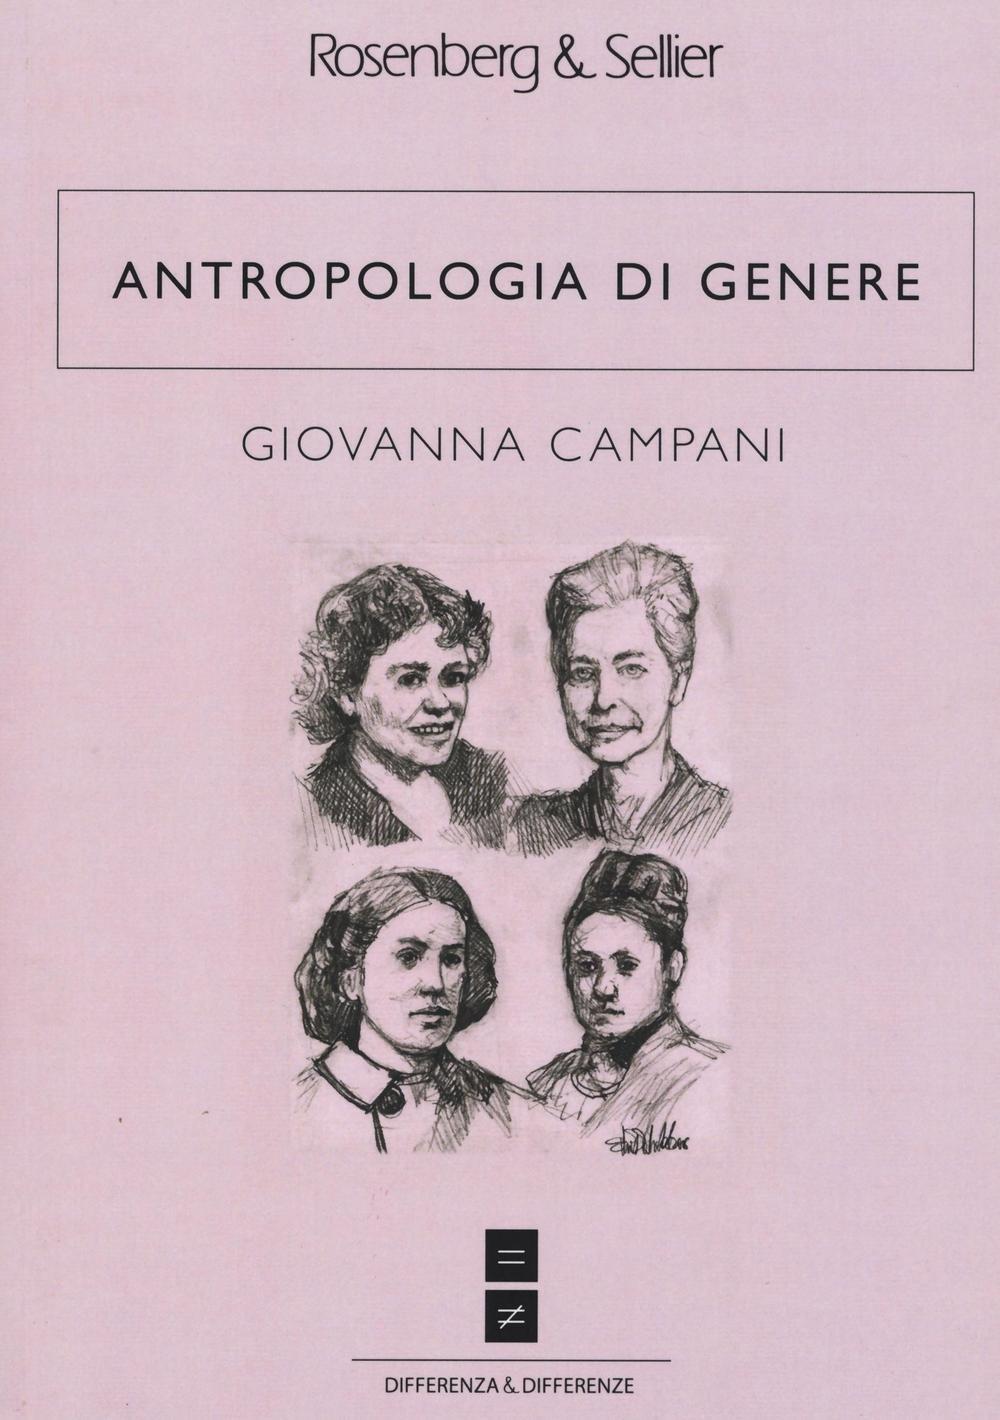 Antropologia di genere Copertina flessibile – 14 apr 2016 Giovanna Campani Rosenberg & Sellier 8878853941 SCIENZE SOCIALI